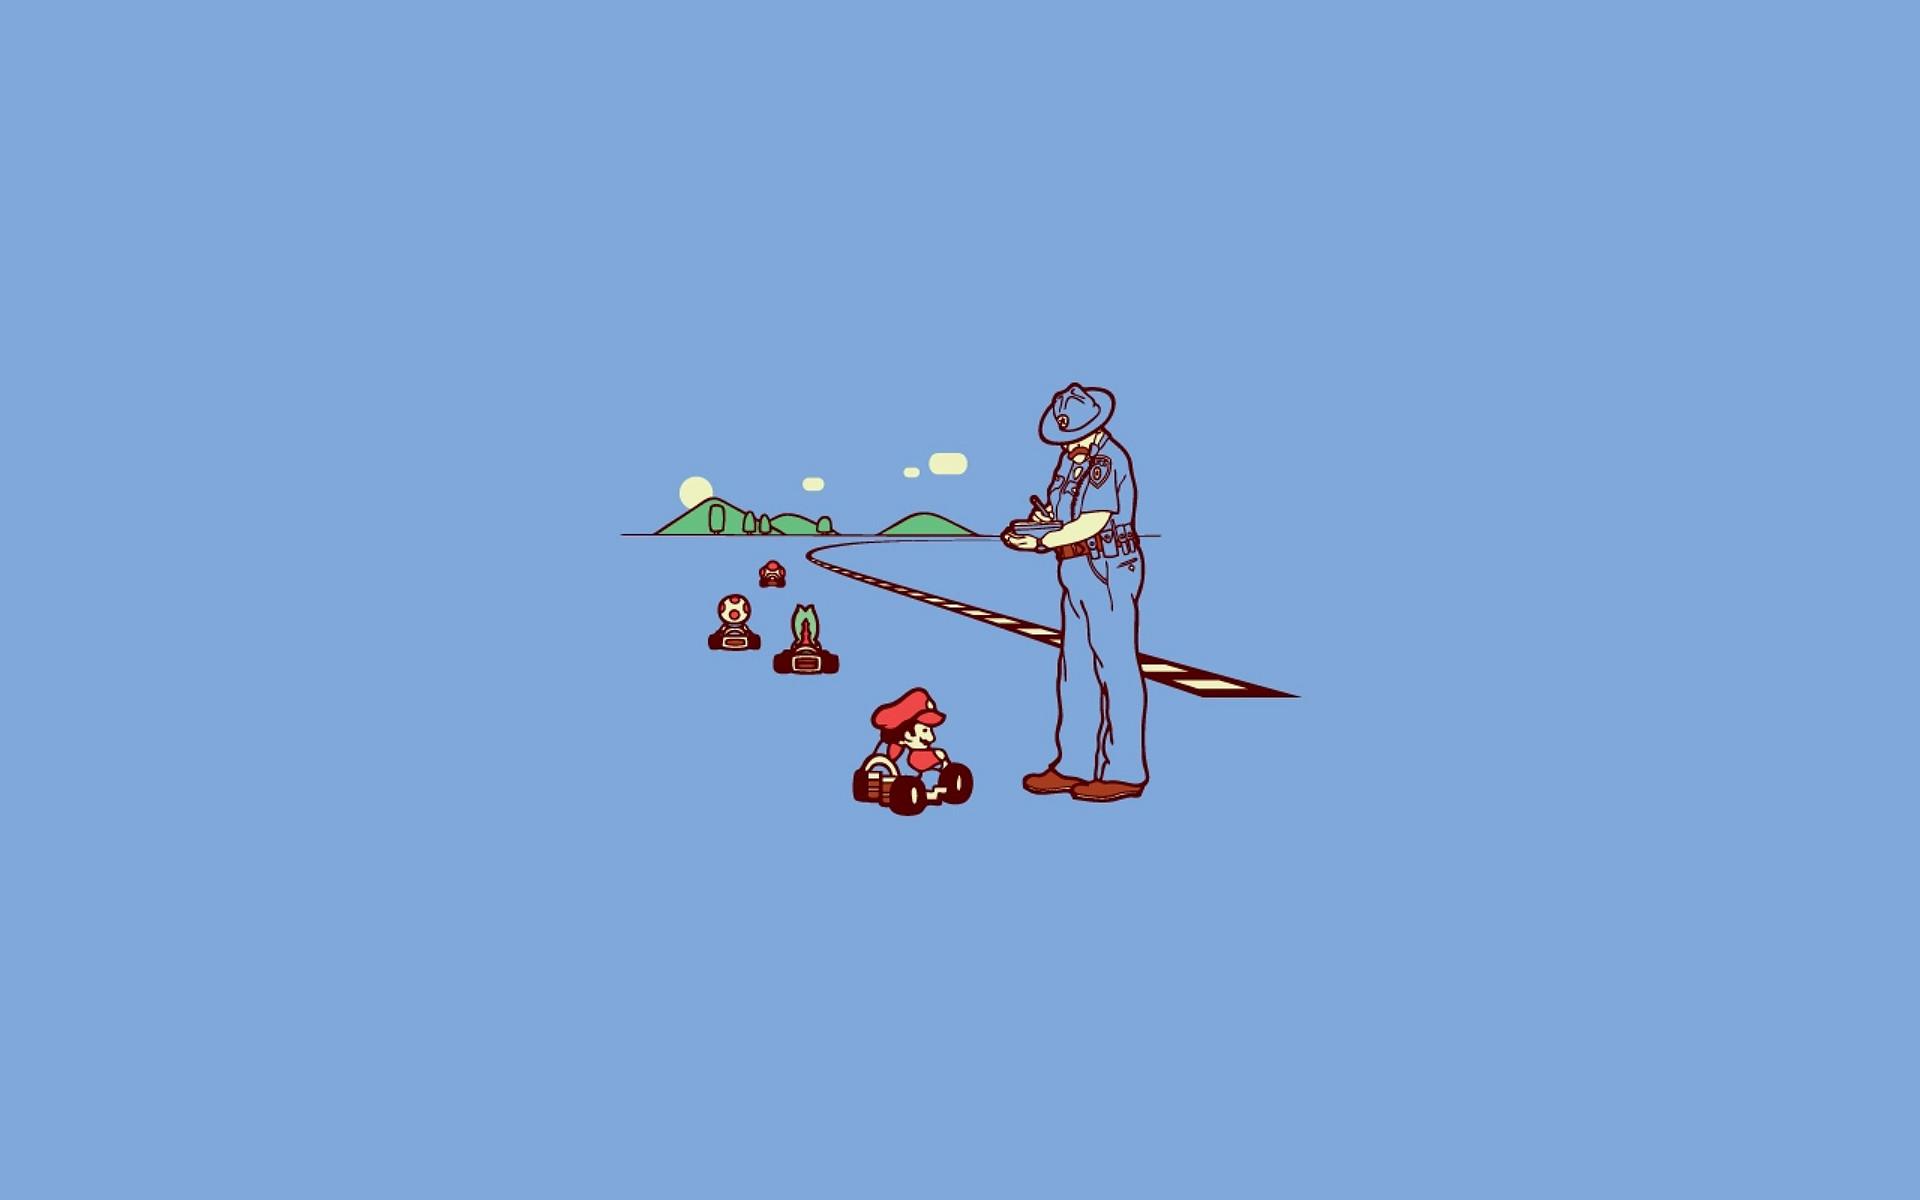 Funny Mario Bros Kart Nintendo Police